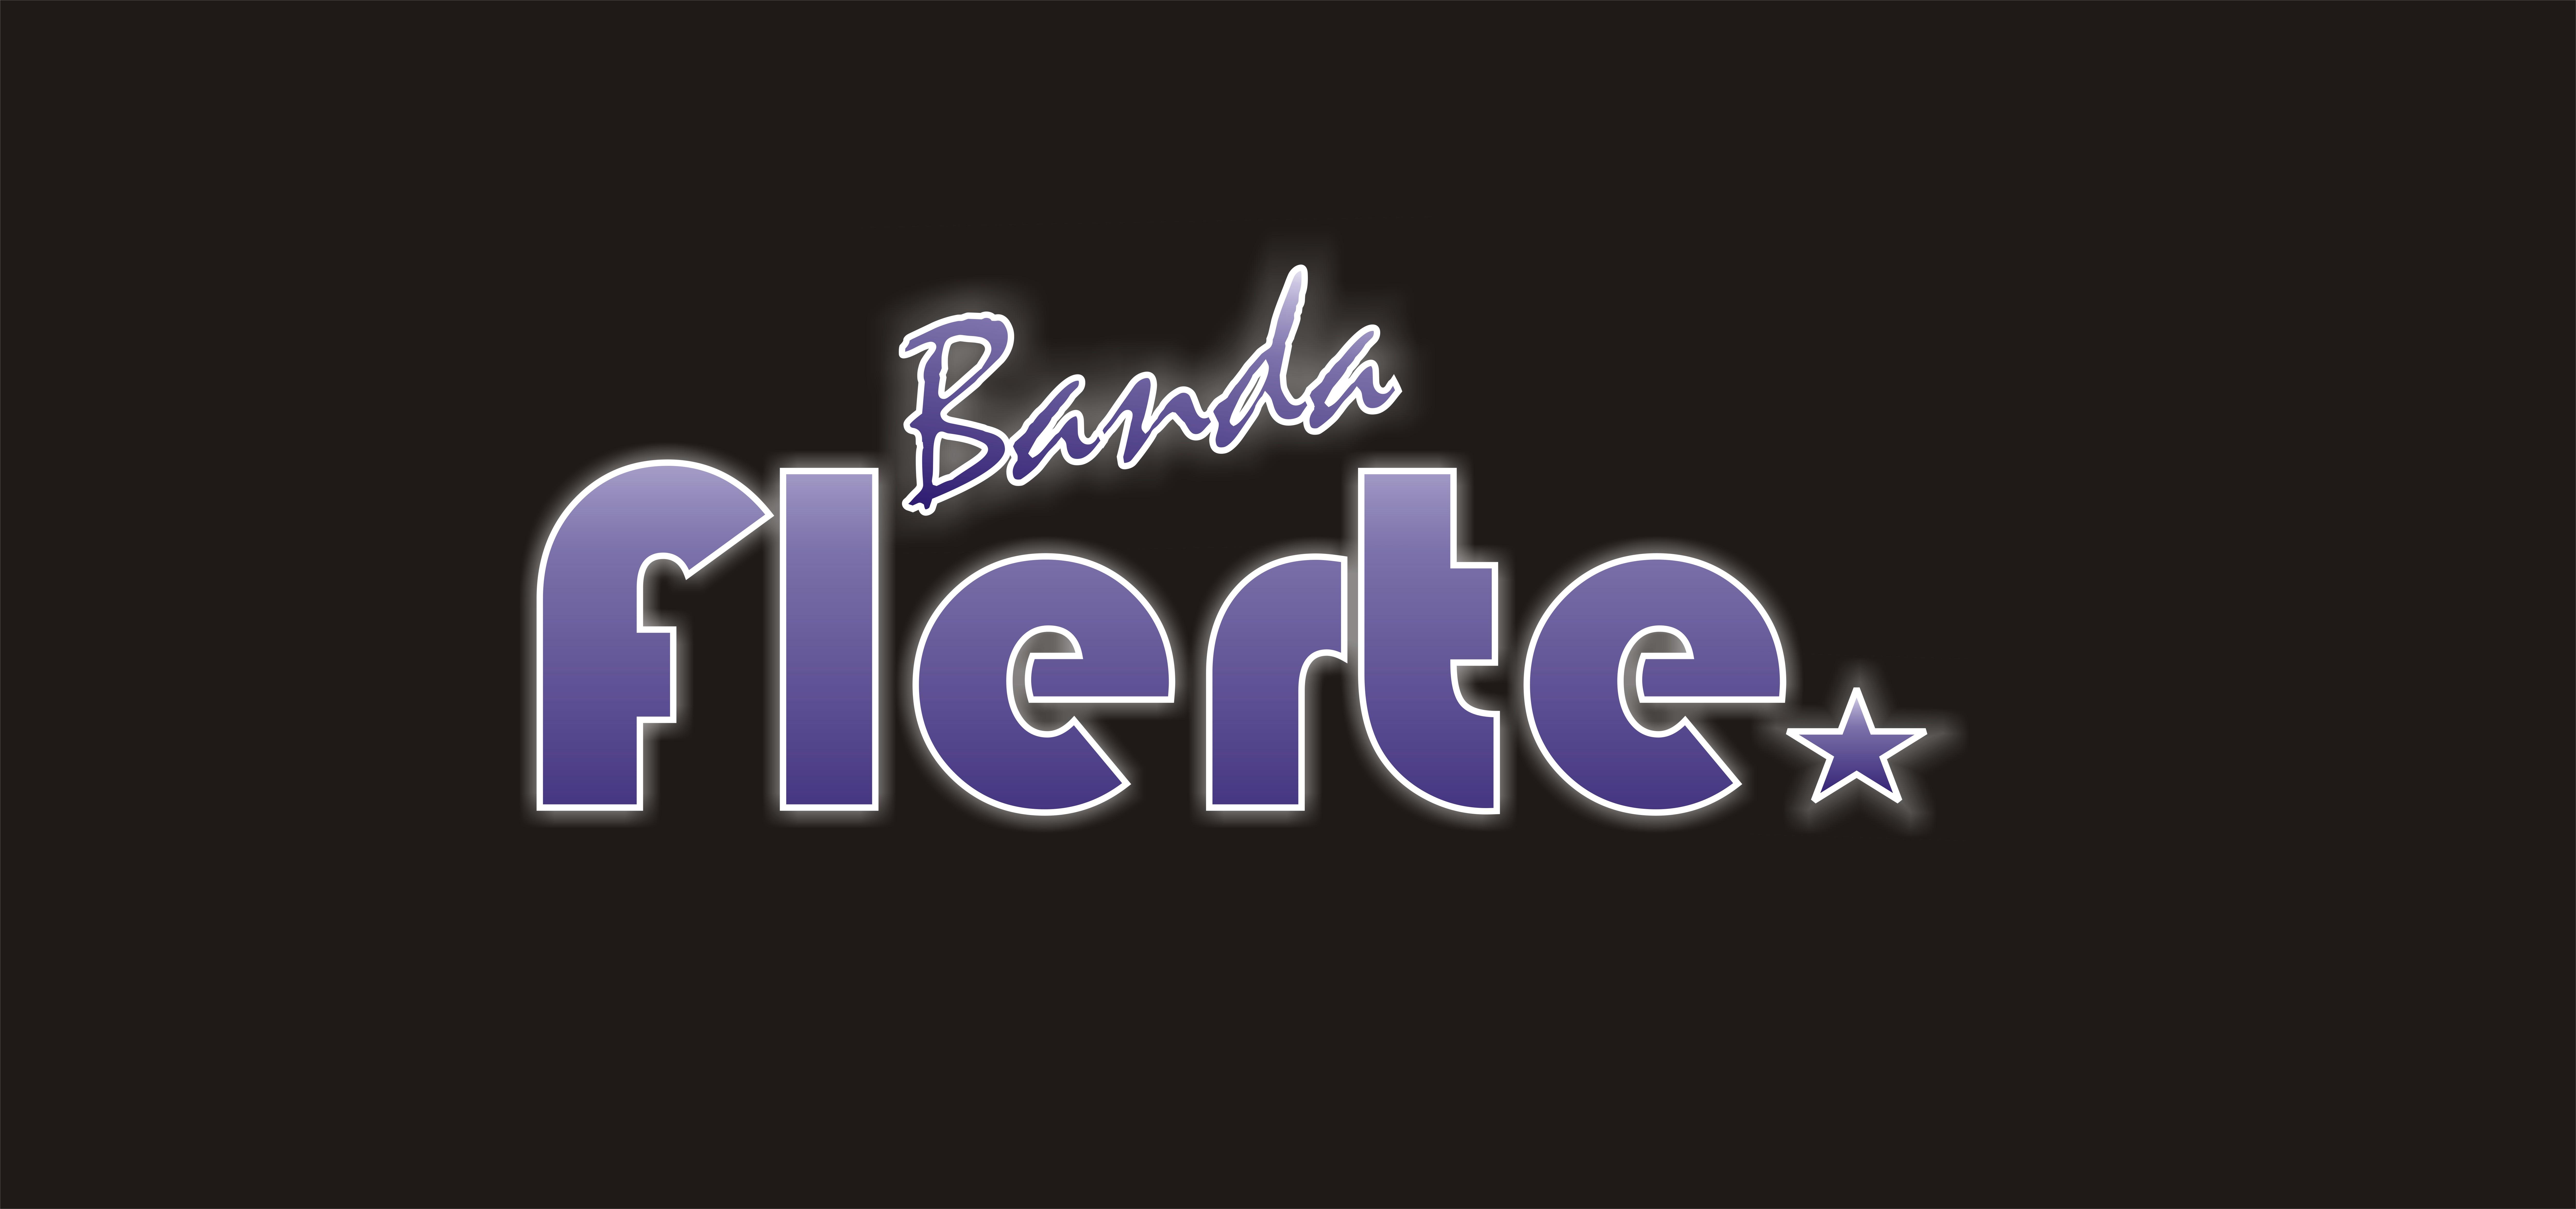 (c) Bandaflerte.com.br